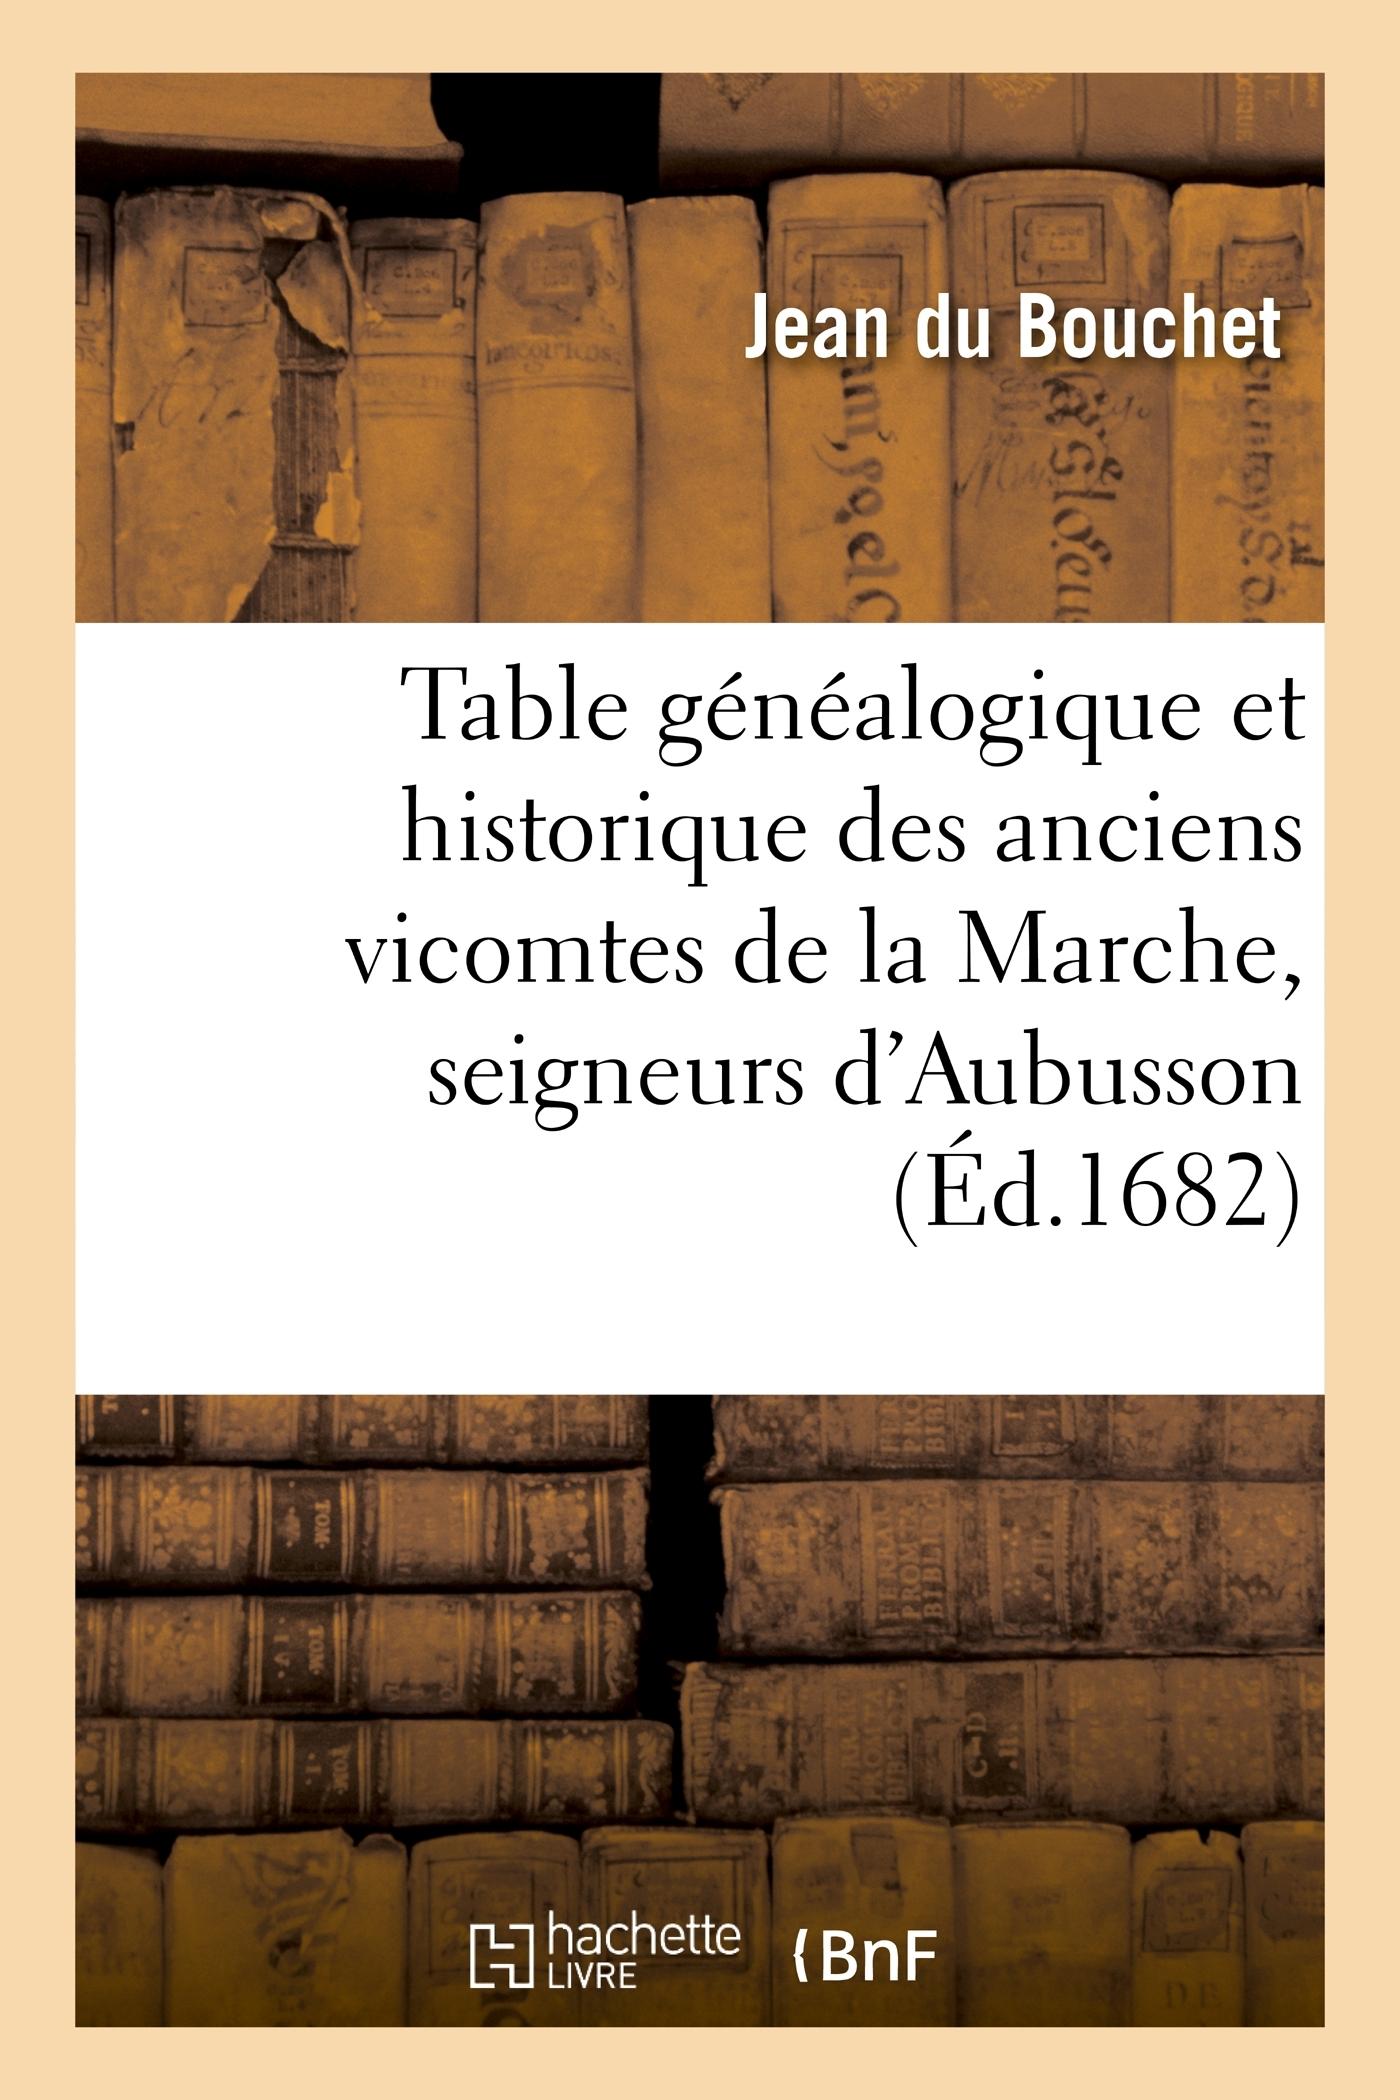 TABLE GENEALOGIQUE ET HISTORIQUE DES ANCIENS VICOMTES DE LA MARCHE, SEIGNEURS D'AUBUSSON ET ENSUITE